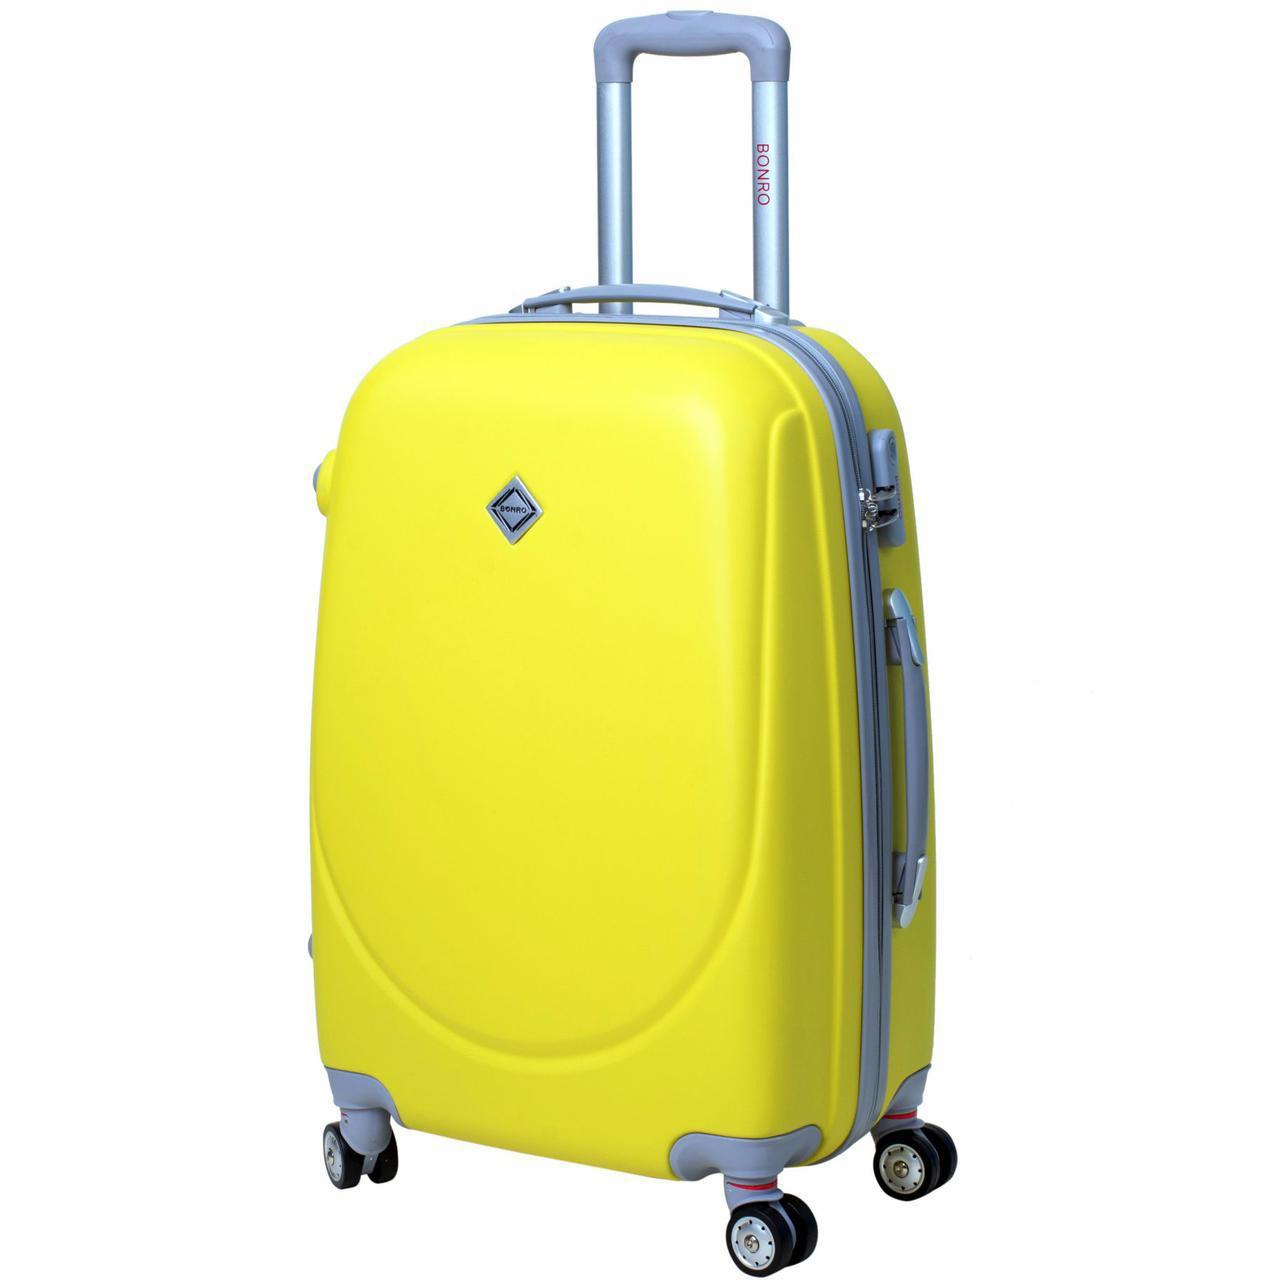 Дорожный чемодан на колесах Bonro Smile с двойными колесами Желтый Небольшой